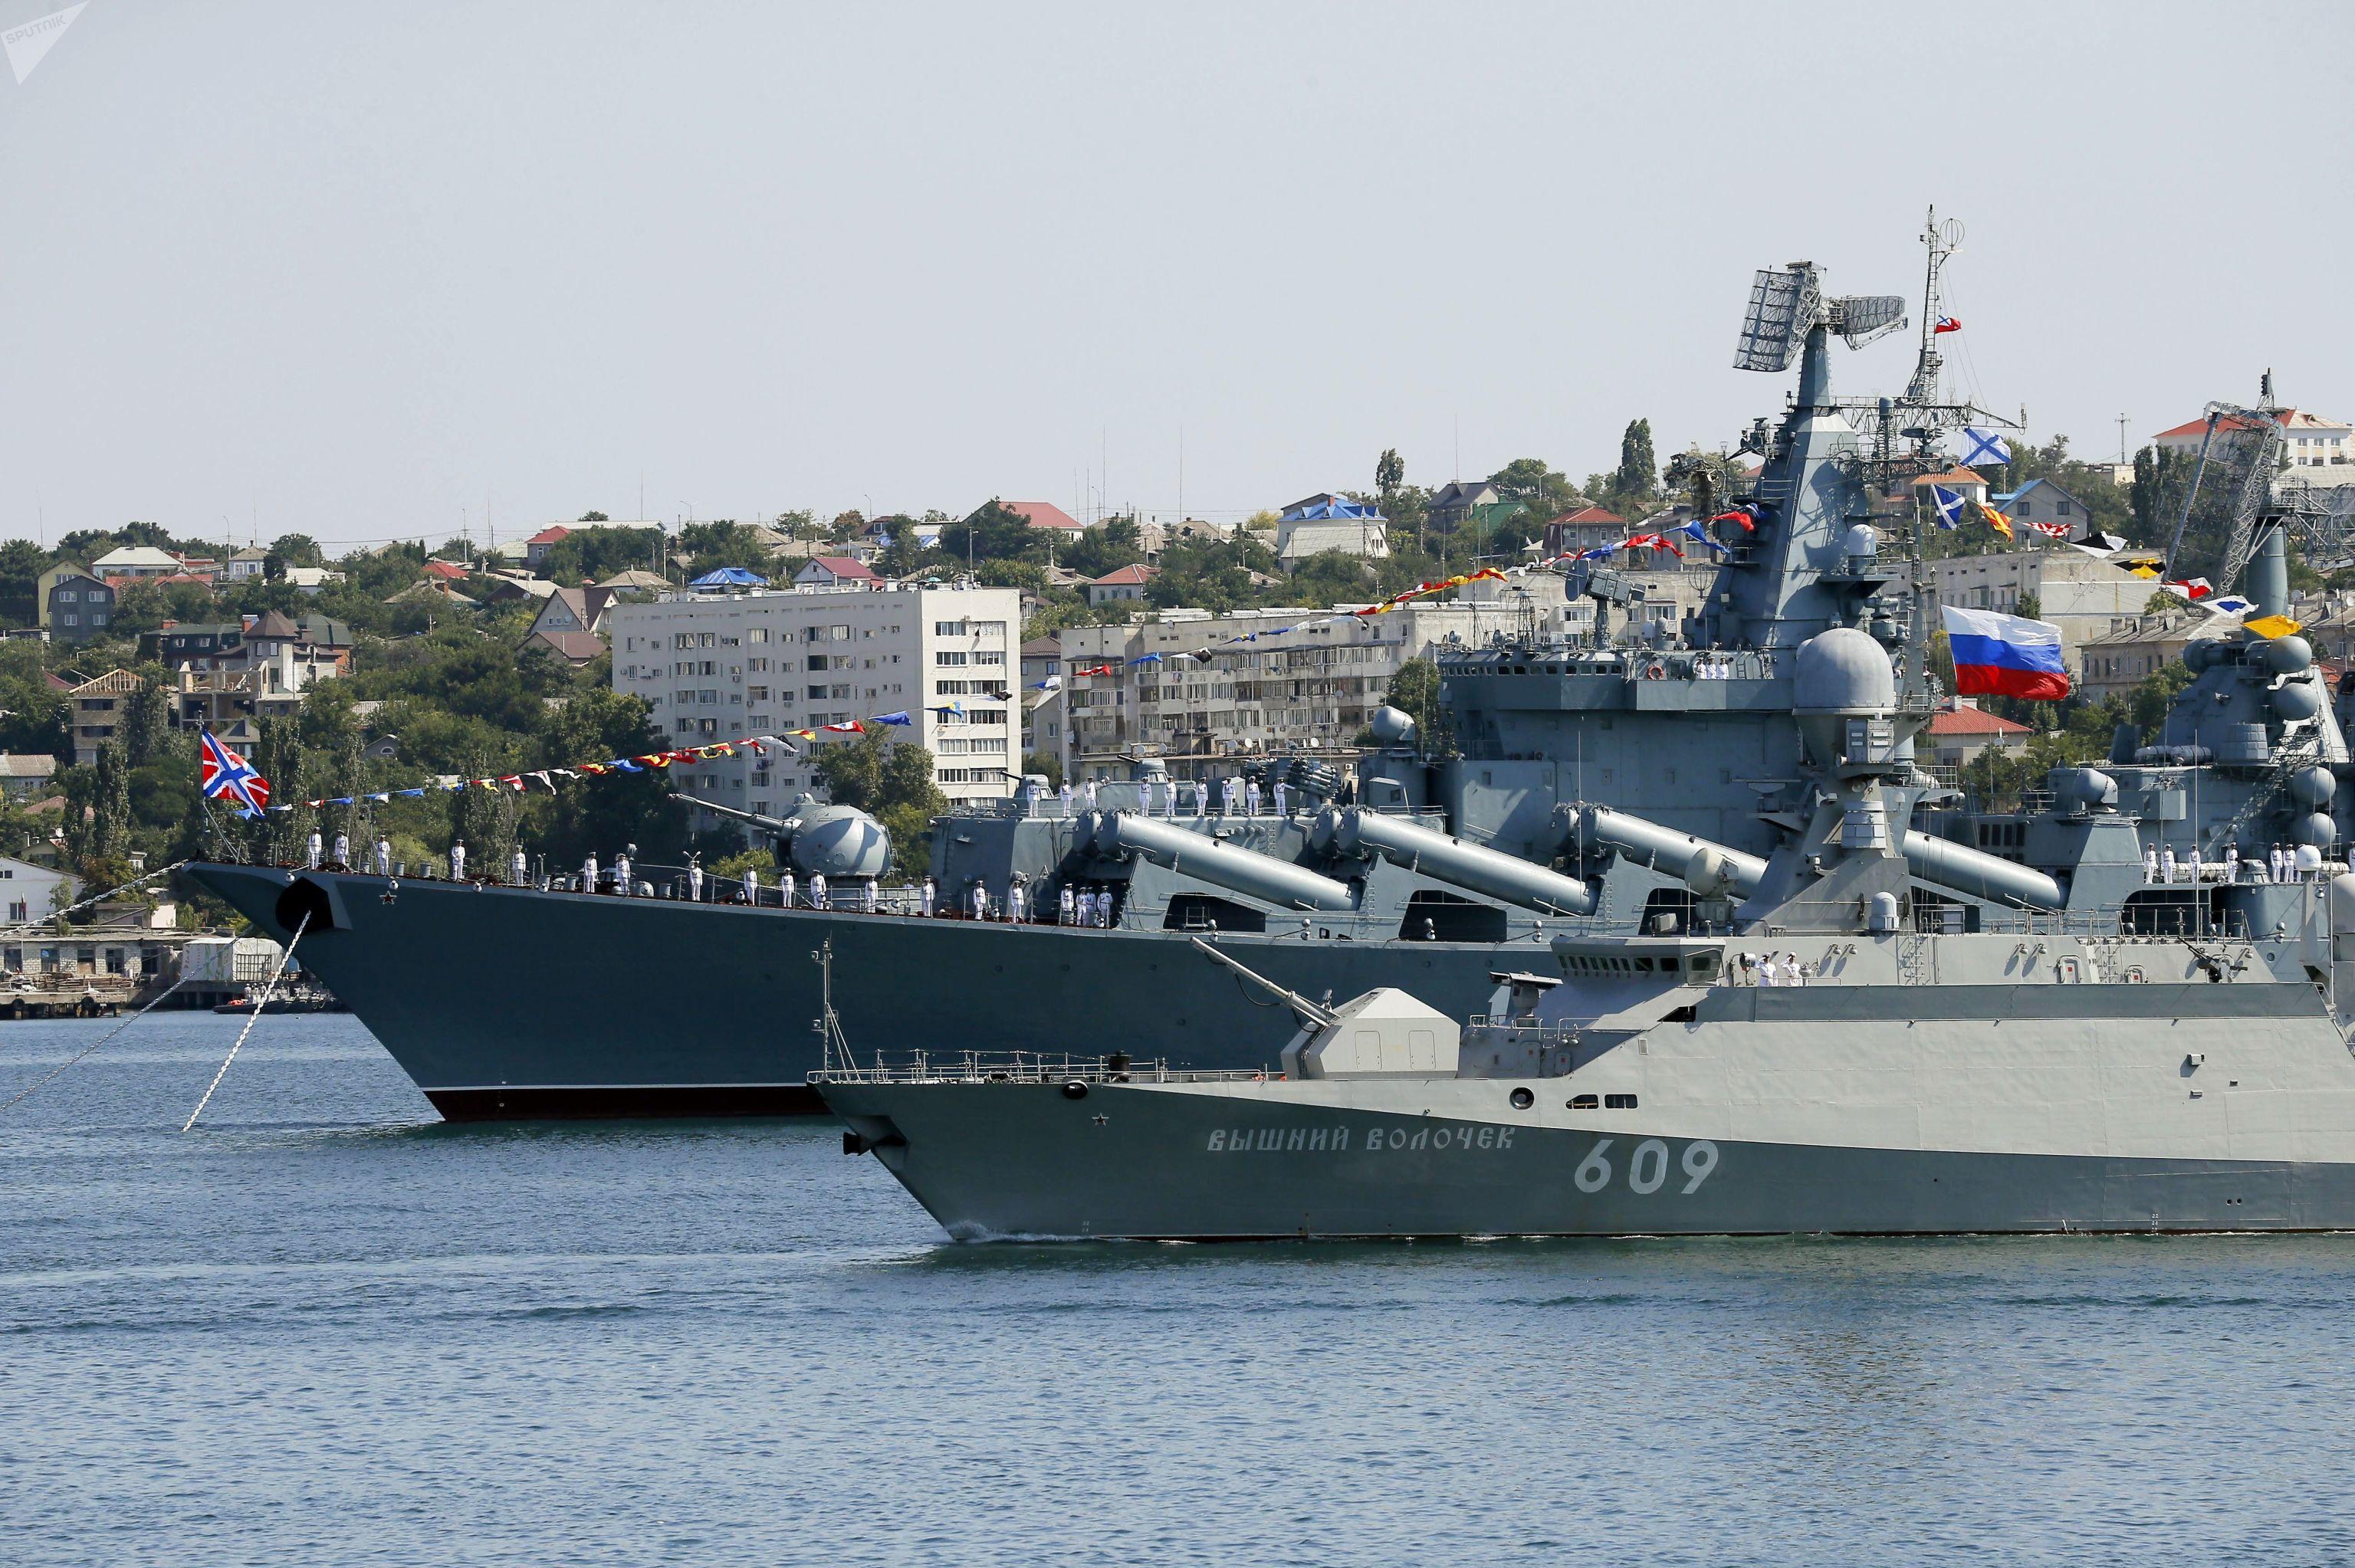 La corbeta Vishni Volochok